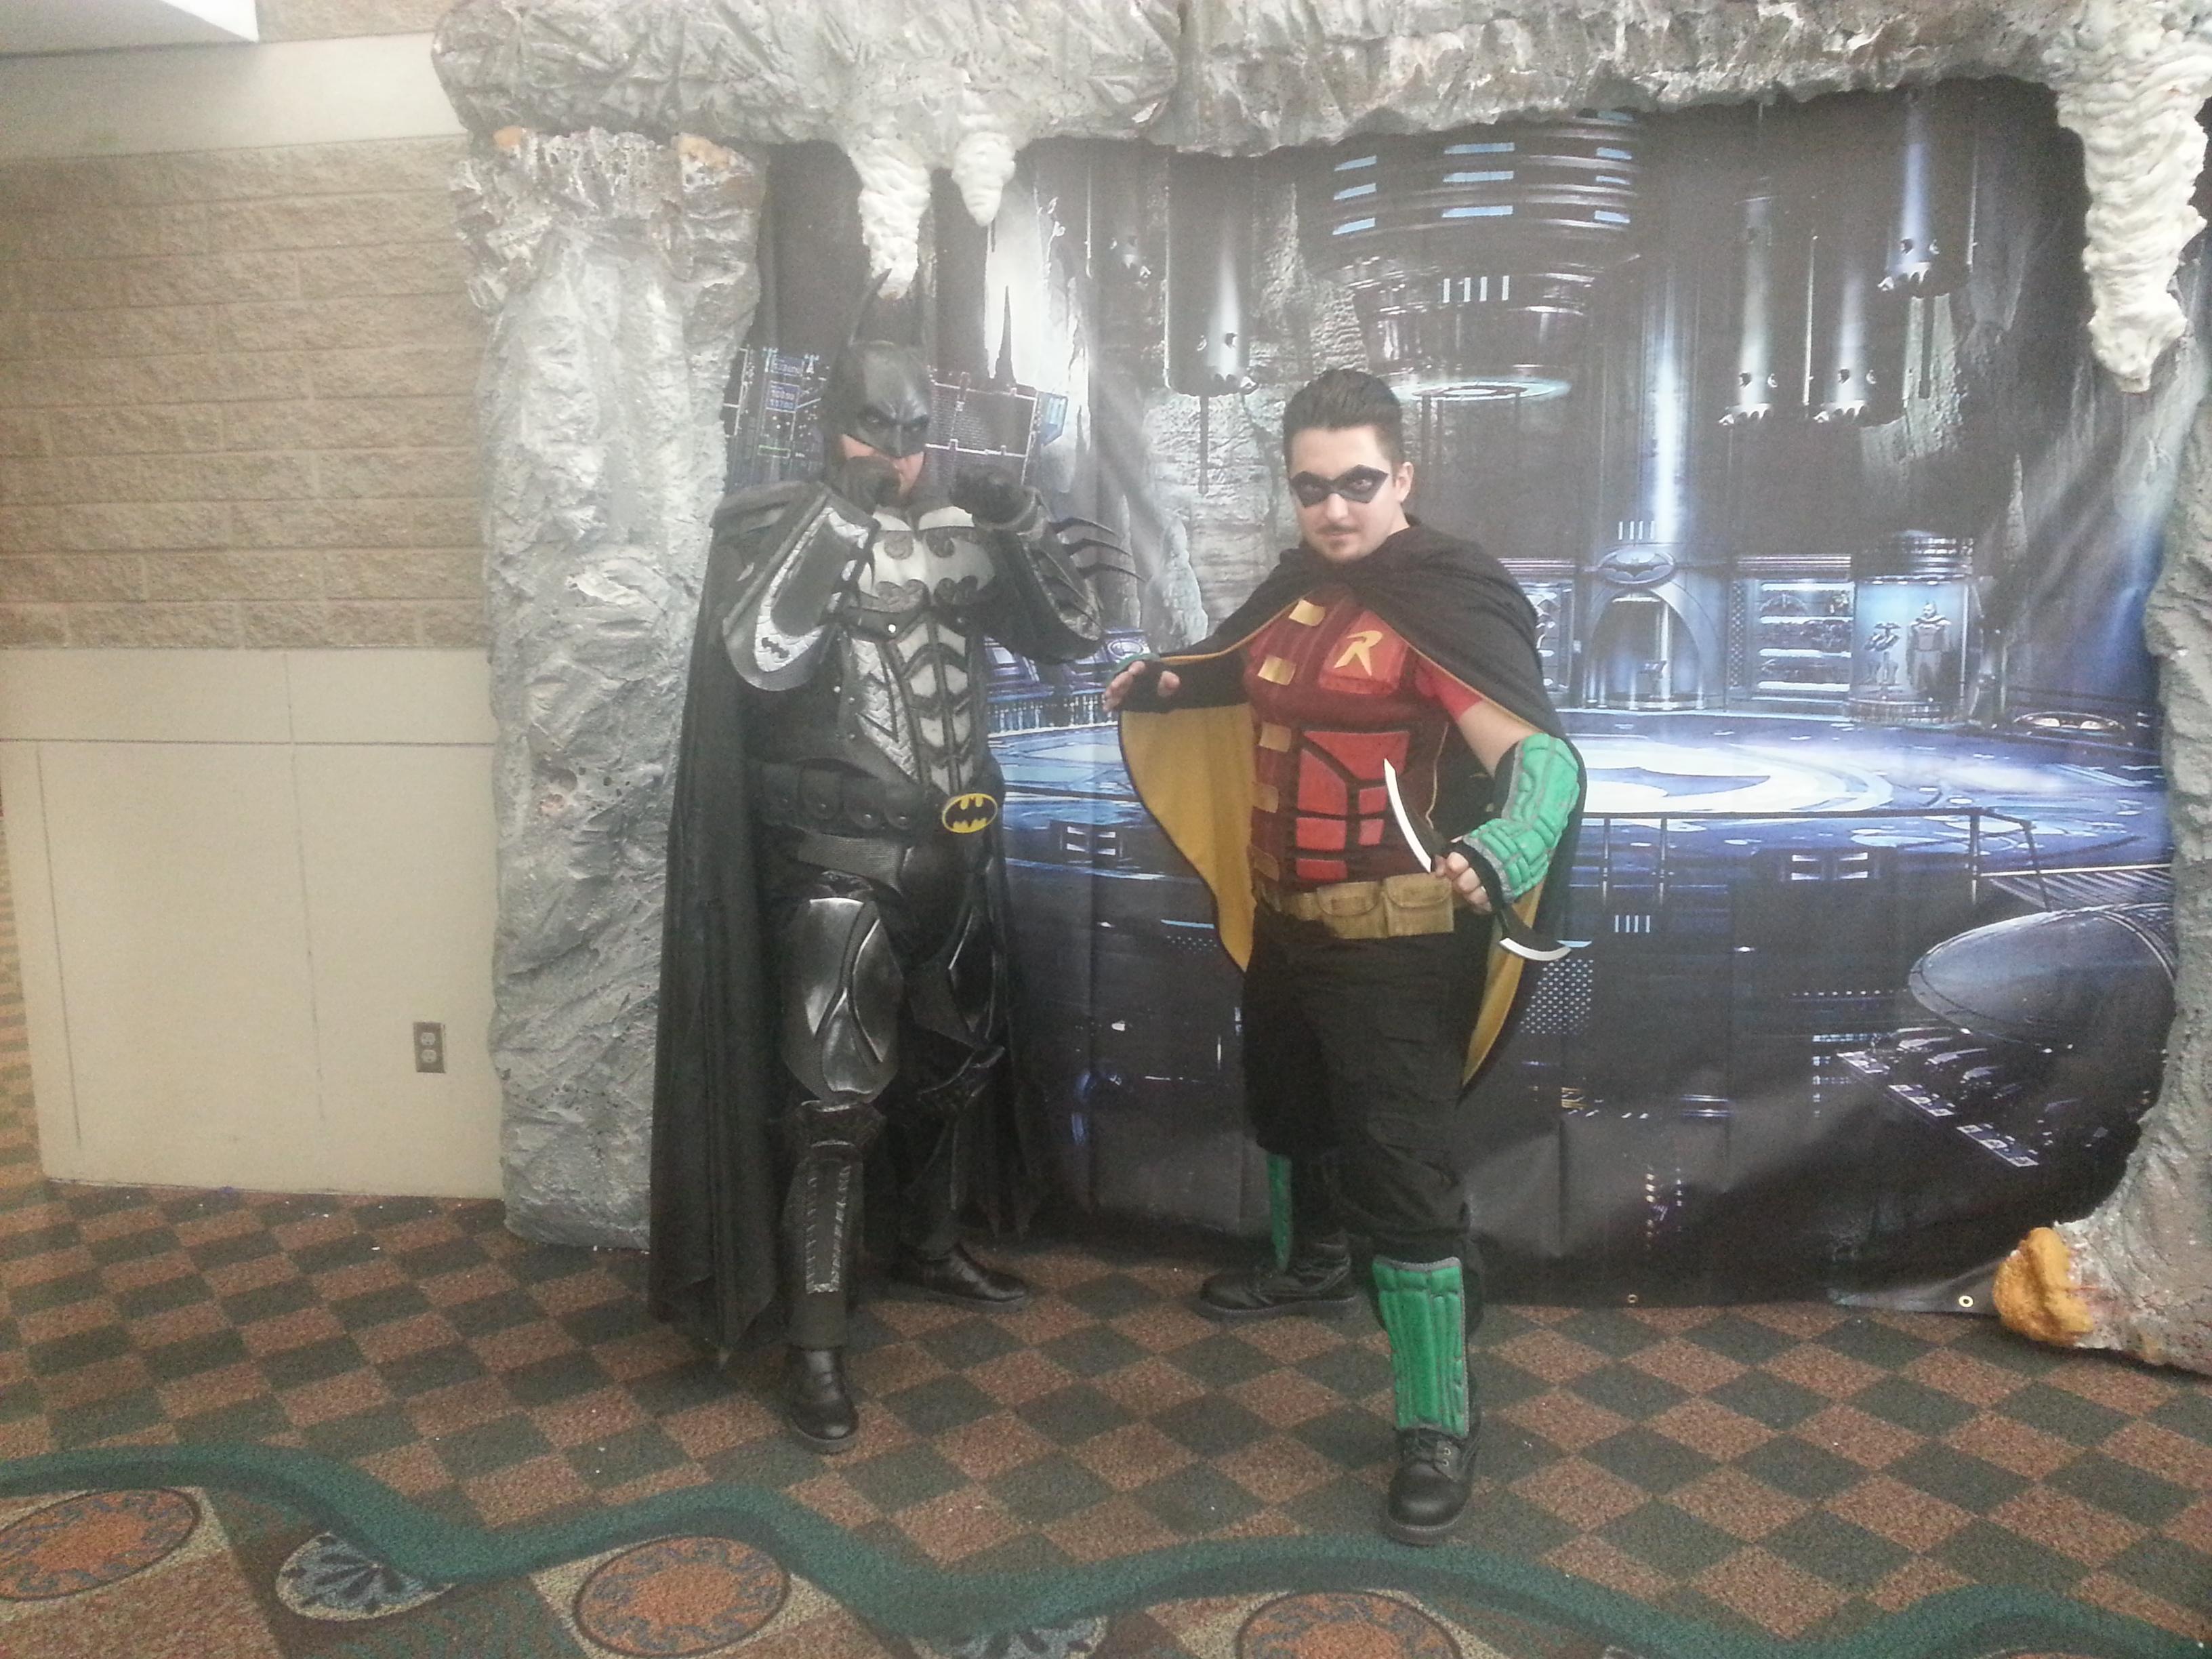 Nice Batman & Robin collaboration!